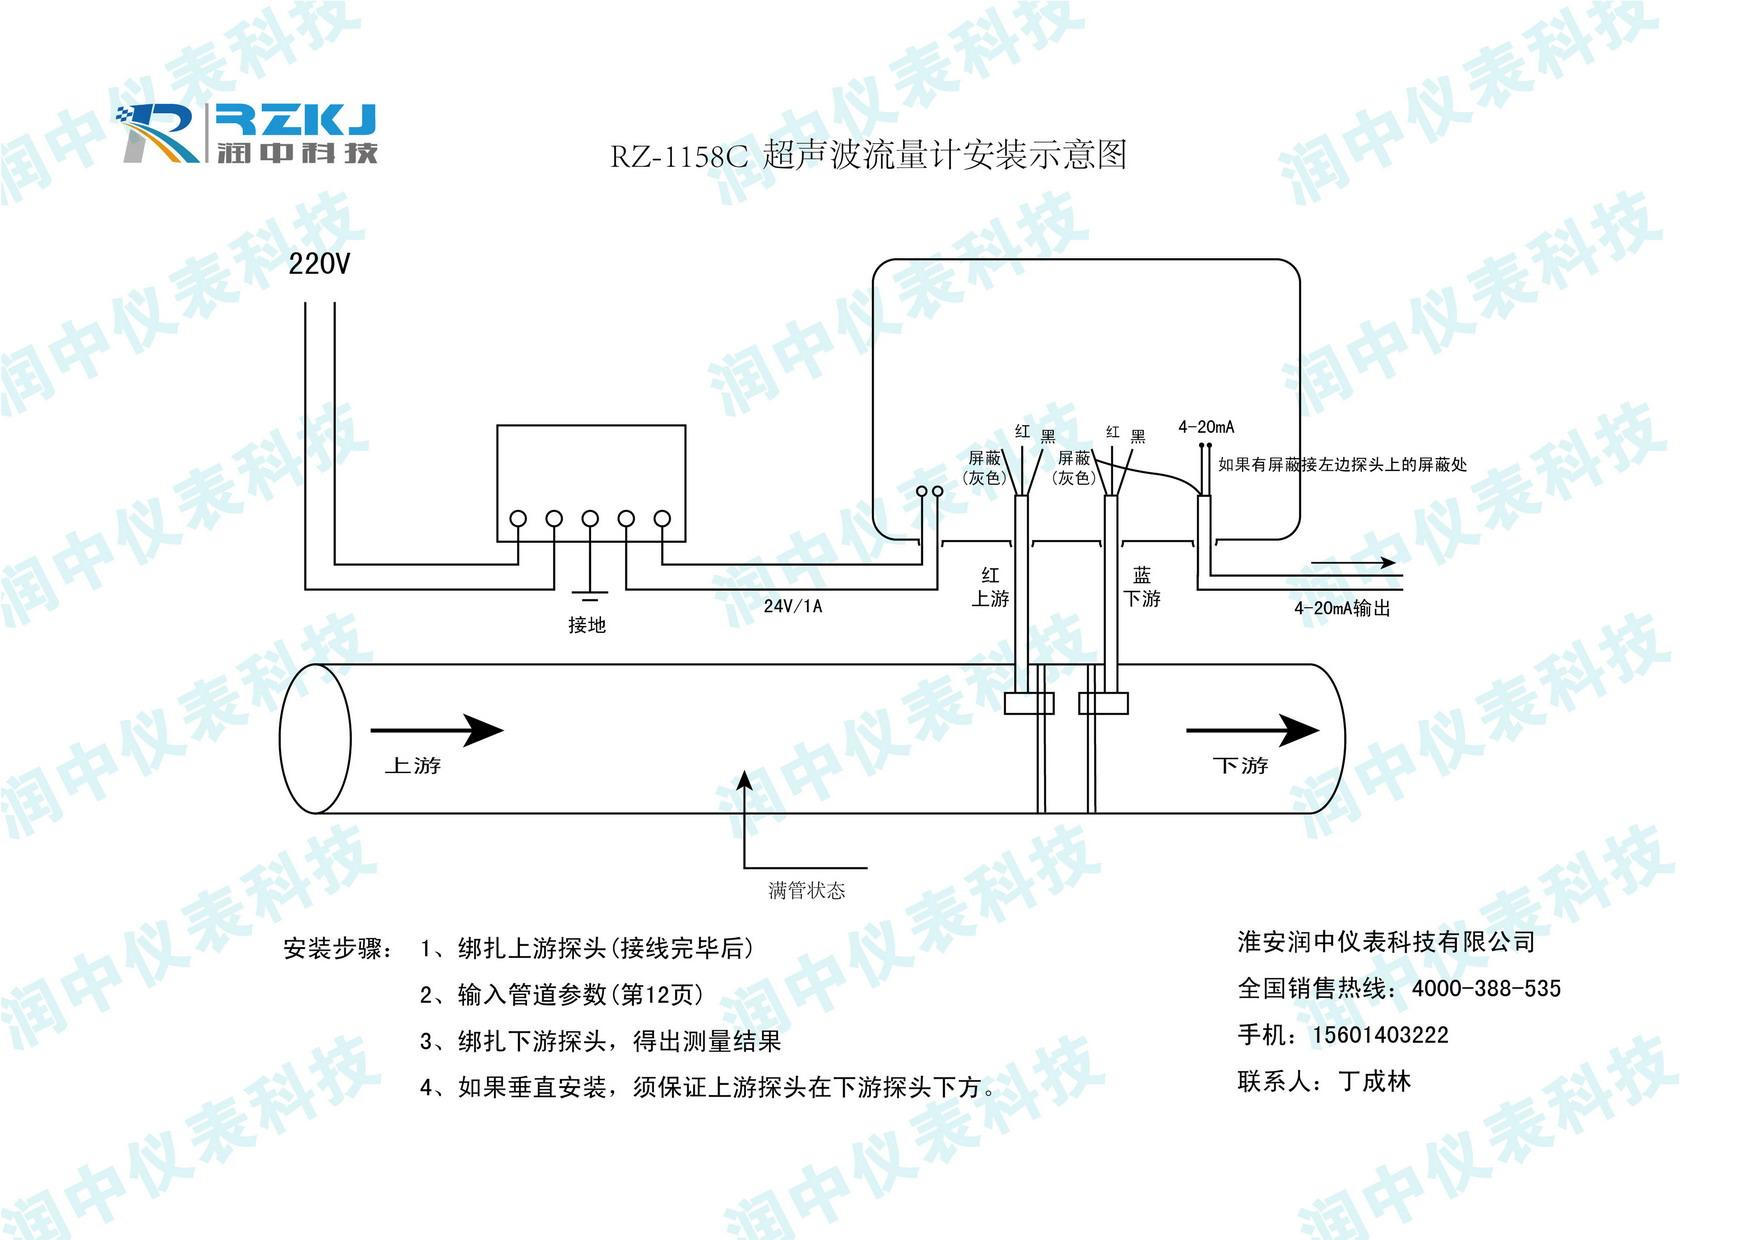 润中仪表科技有限公司热销的经济型外夹式超声波流量计RZ-1158C是一款应用广泛、通用经济型、外夹式、时差法超声波流量计。它不仅具有卓越的测量性能也具有非常简单的安装方式,无需破管、无需停水,便可以让客户轻松实现灵活的管道流量测量。该套产品还可以配备永久安装夹具,无需日常维护,长期提供可信、无飘移的测量。 该产品采用了最先进的数字相关技术和智能自适应声波技术,使它的测量稳定性更加突出。同时,它使用的声聚焦专利技术,使产品在连续测量时的信号接收与品质上得到显著增强。